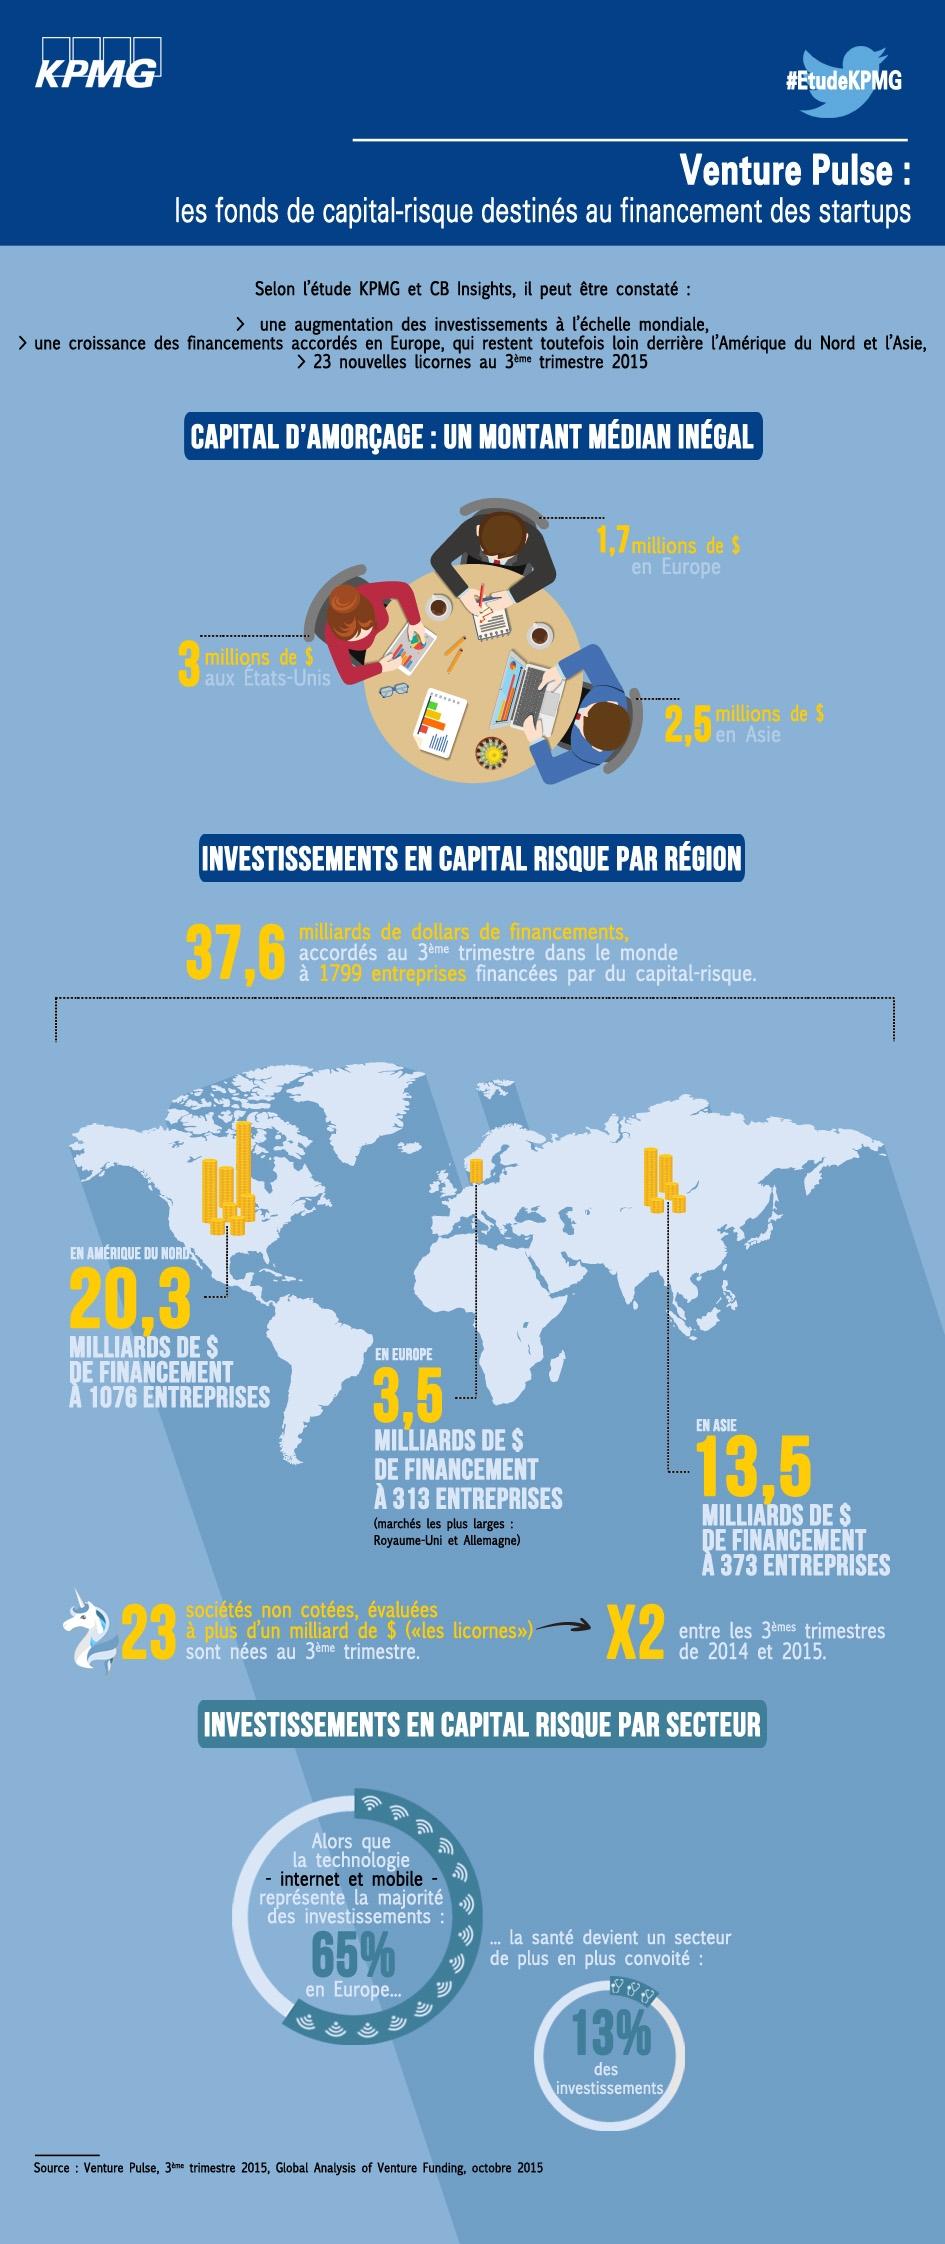 Les fonds de capital-risque destinés au financement des startups